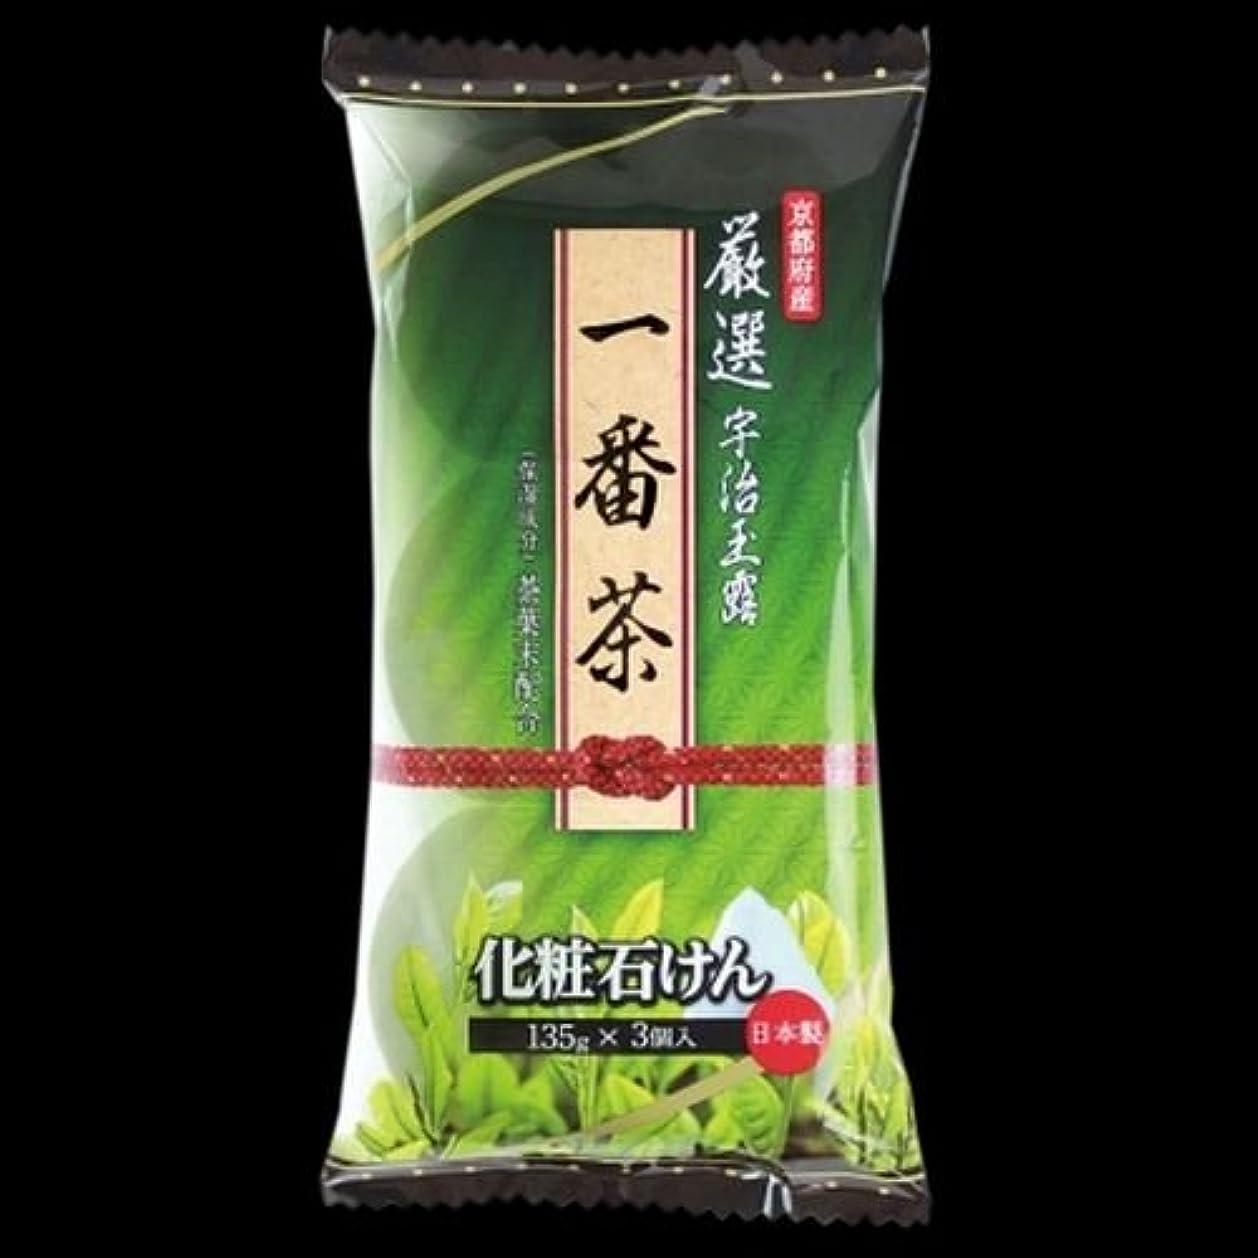 【まとめ買い】お茶?石けん 3個入 ×2セット